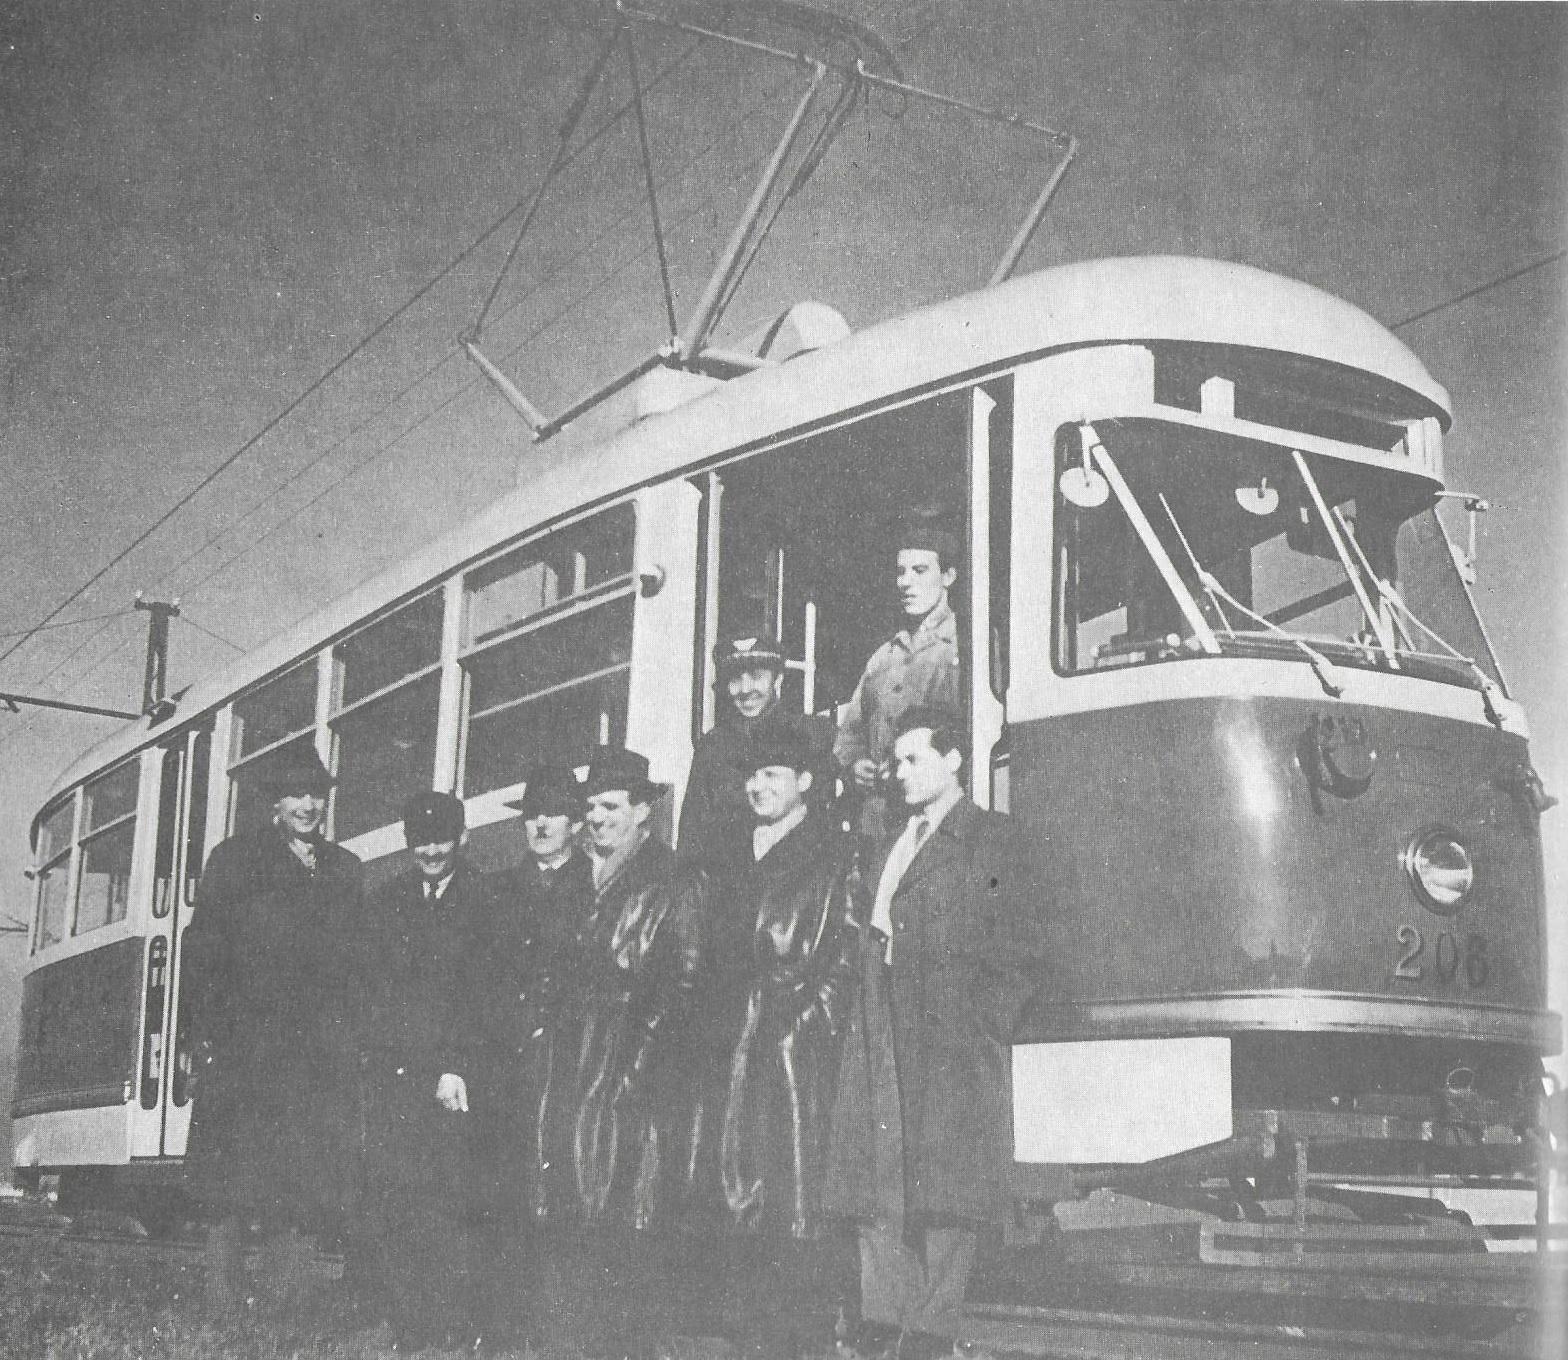 Vůz T1 v. č. 206 během zkoušek na tramvajové rychlodráze k železárnám. Po zahájení provozu ovšem k areálu VSŽ jezdily výhradně vozy T3. (foto: DPMK)